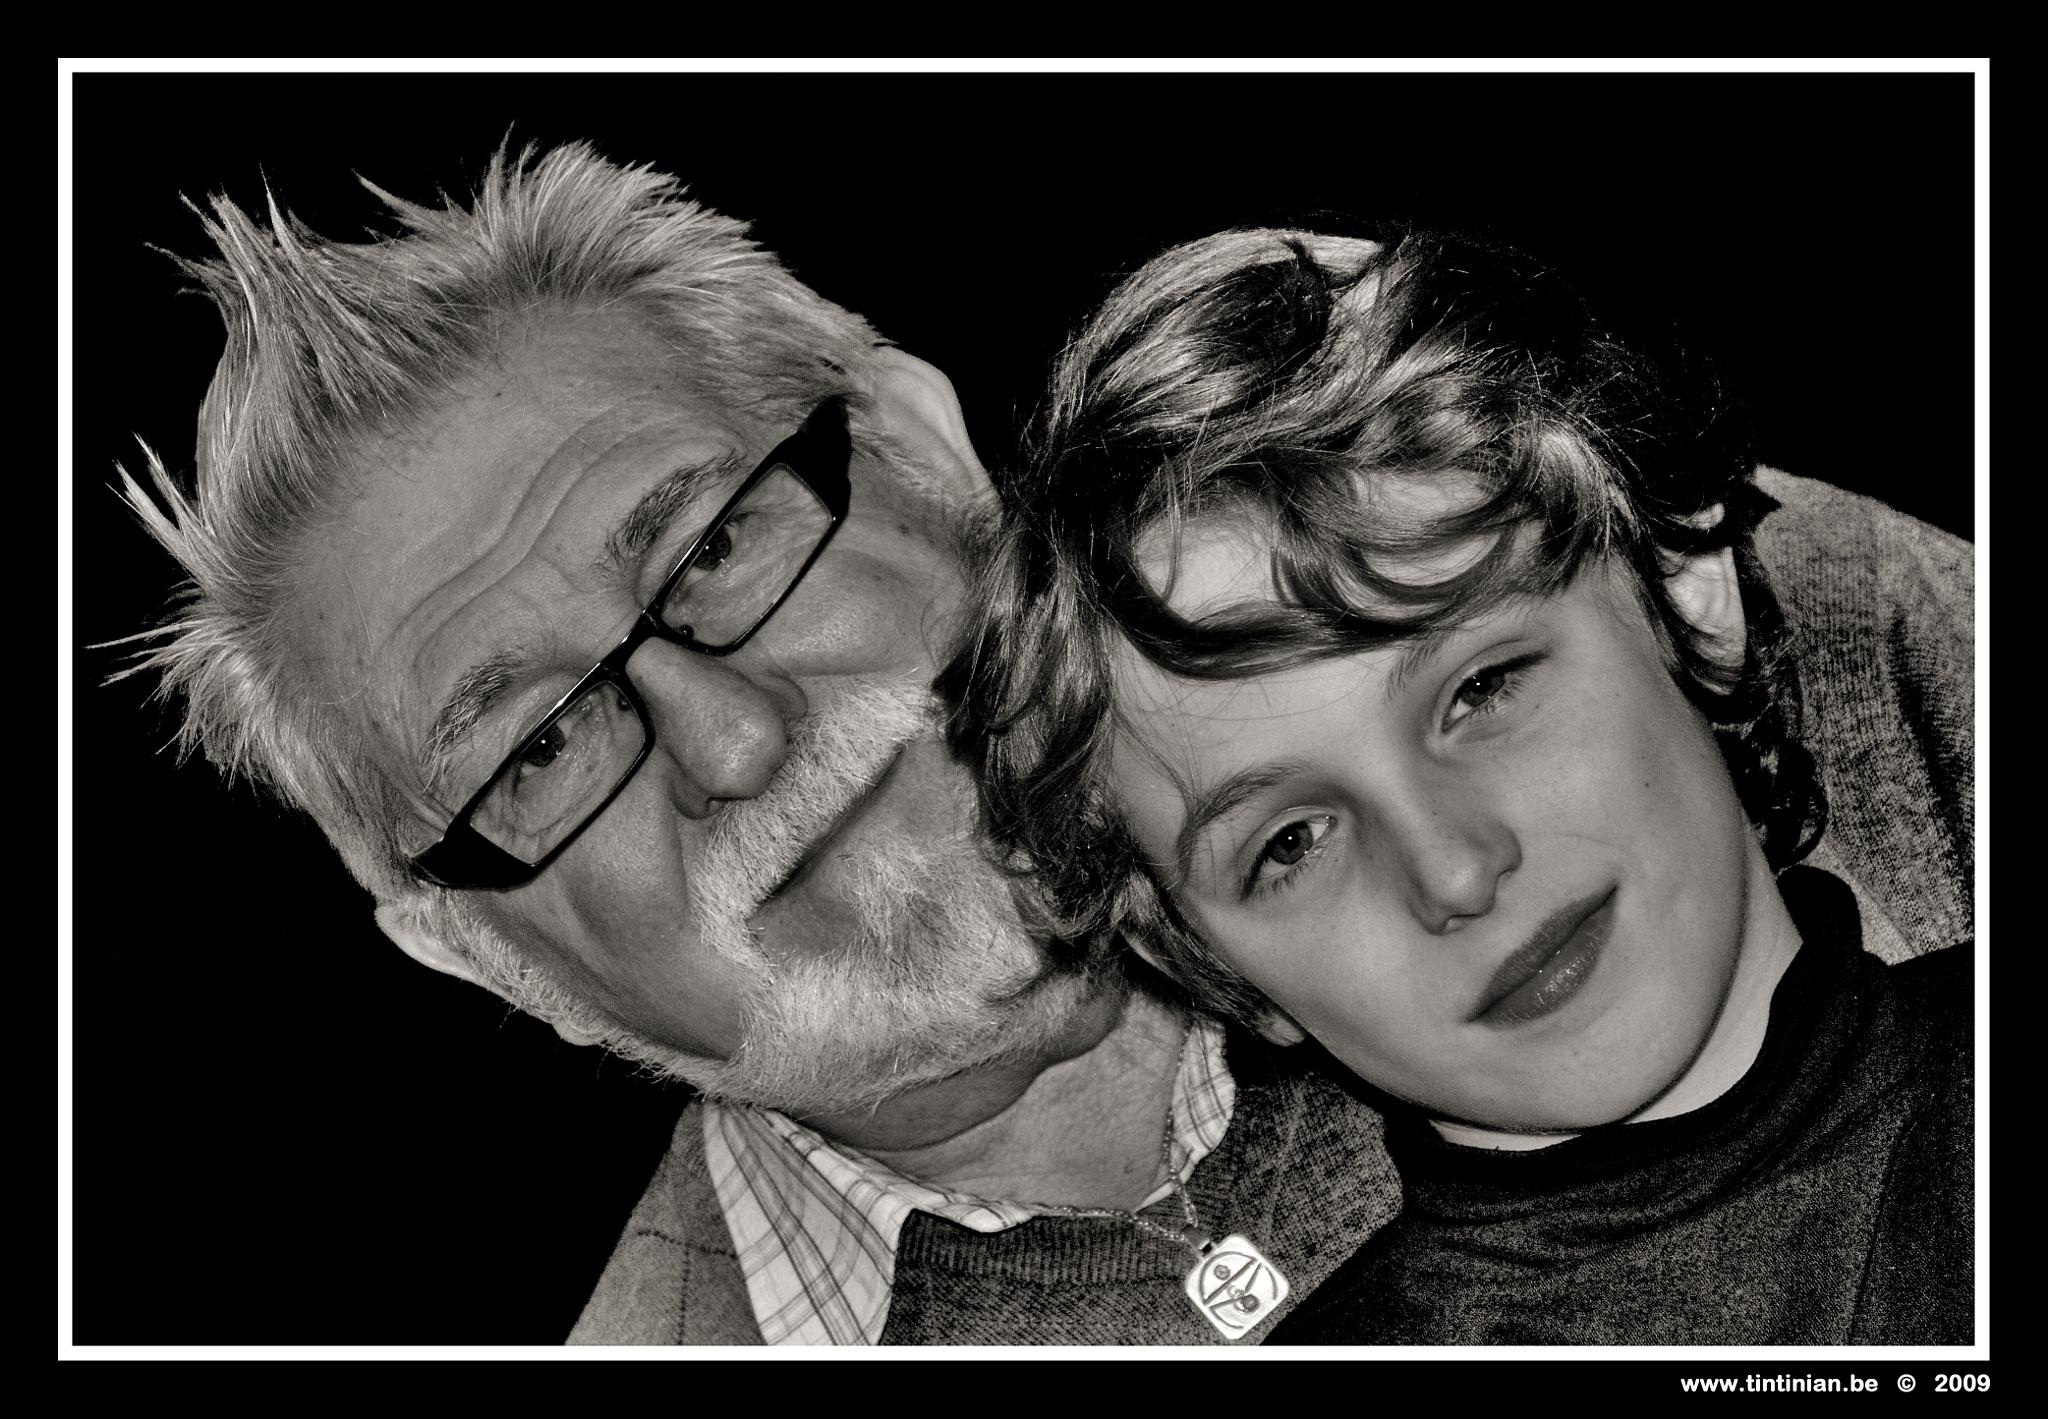 Grandfather & Grandson by Etienne de Maeyer